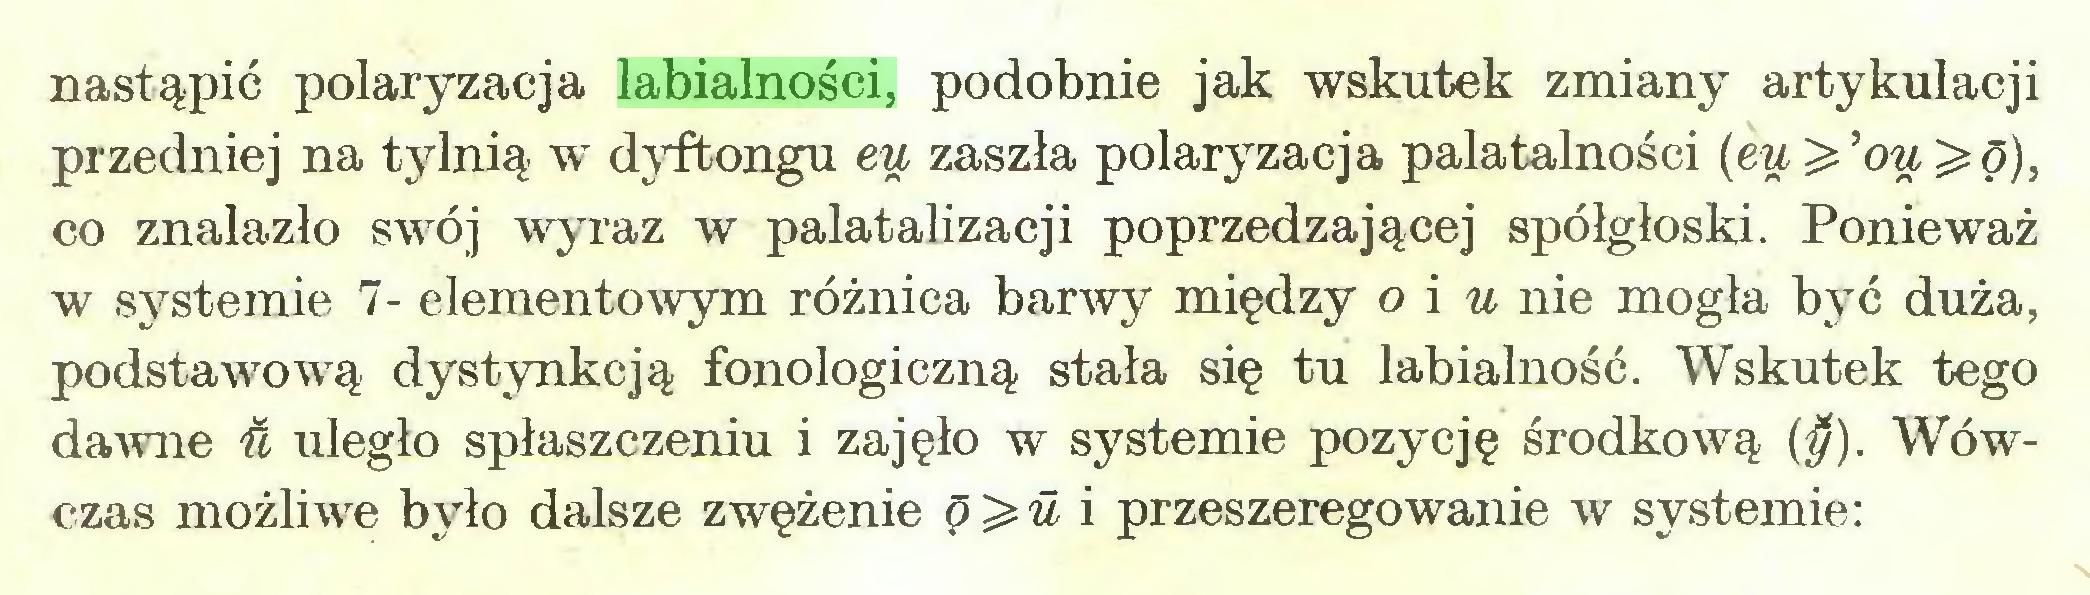 (...) nastąpić polaryzacja labialności, podobnie jak wskutek zmiany artykulacji przedniej na tylnią w dyftongu eu zaszła polaryzacja palatalności (eu ^ 'ou^ó), co znalazło swój wyraz w palatalizacji poprzedzającej spółgłoski. Ponieważ w systemie 7- elementowym różnica barwy między o i u nie mogła być duża, podstawową dystynkcją fonologiczną stała się tu labialność. Wskutek tego dawne U uległo spłaszczeniu i zajęło w systemie pozycję środkową ($). Wówczas możliwe było dalsze zwężenie Q^u i przeszeregowanie w systemie:...